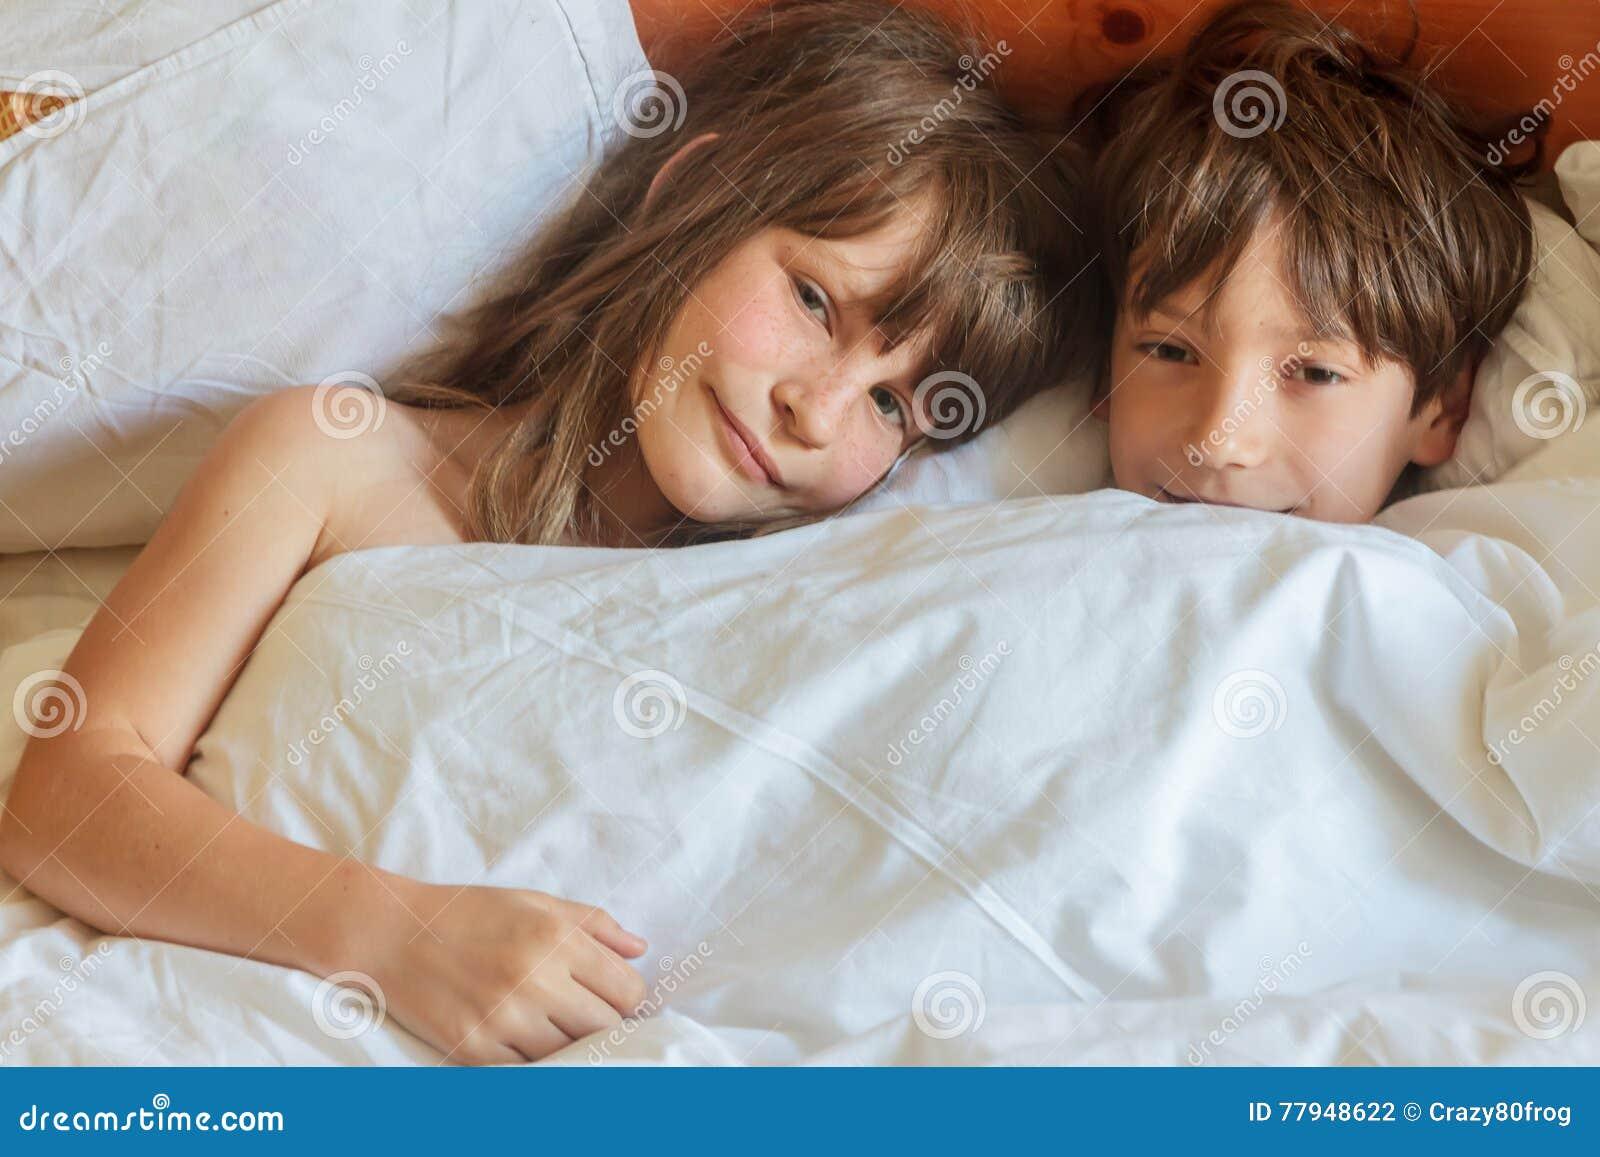 Если молодая женщина видит во сне красивую девочку — это к беременности.